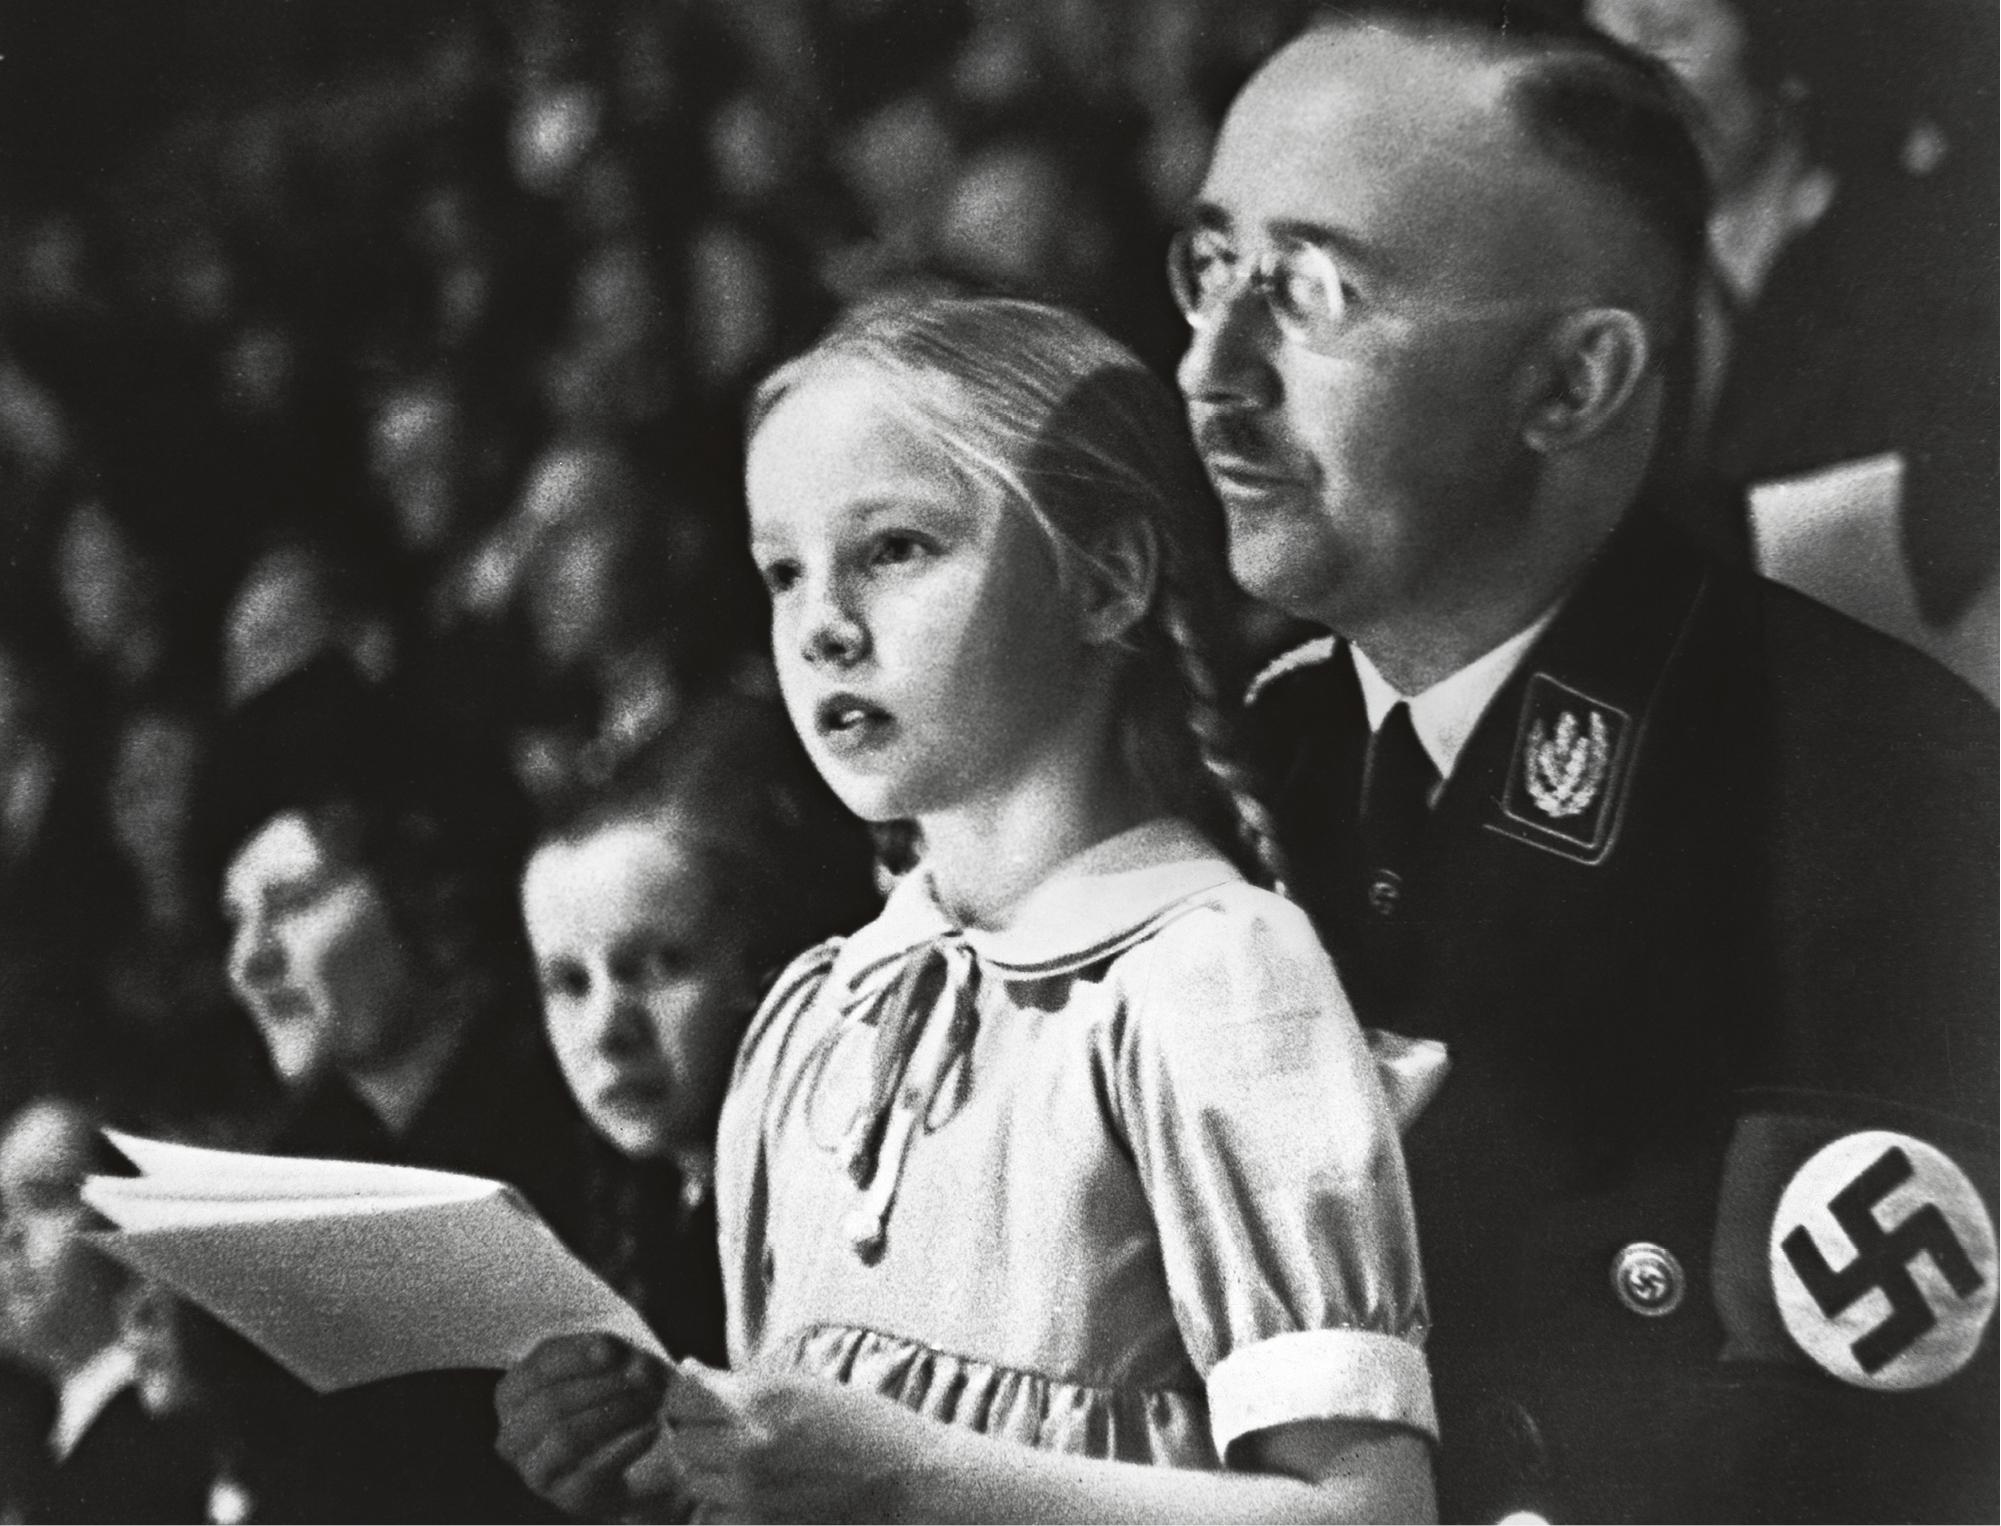 Himmler tyttärensä kanssa. Felix Kersten tuli tunnetuksi Himmlerin entisenä hierojana.